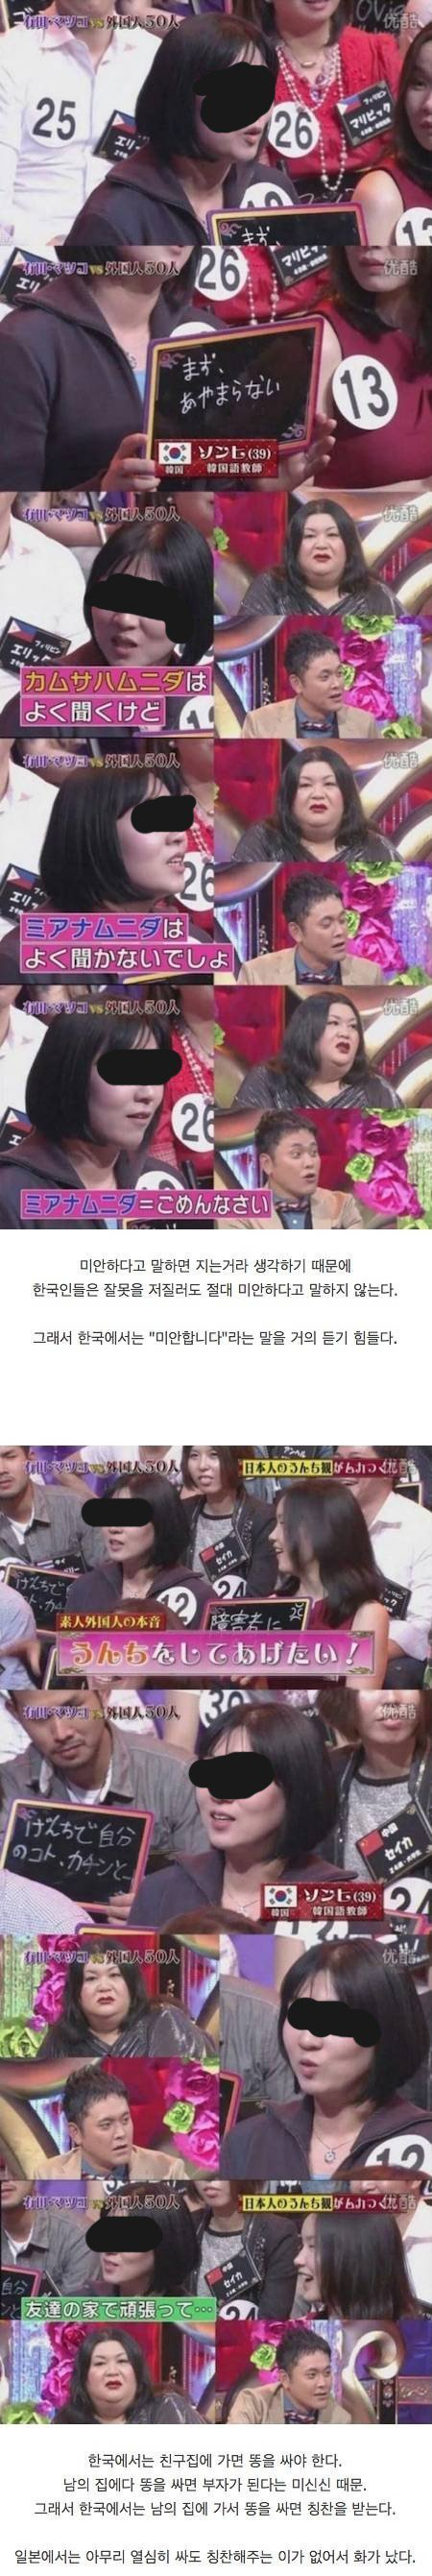 a_6645128344_b2ee2ce9eed13a0ab6a9cea6fa2bca5886bdd2f9.jpg 우리도 몰랐던 한국문화.jpg